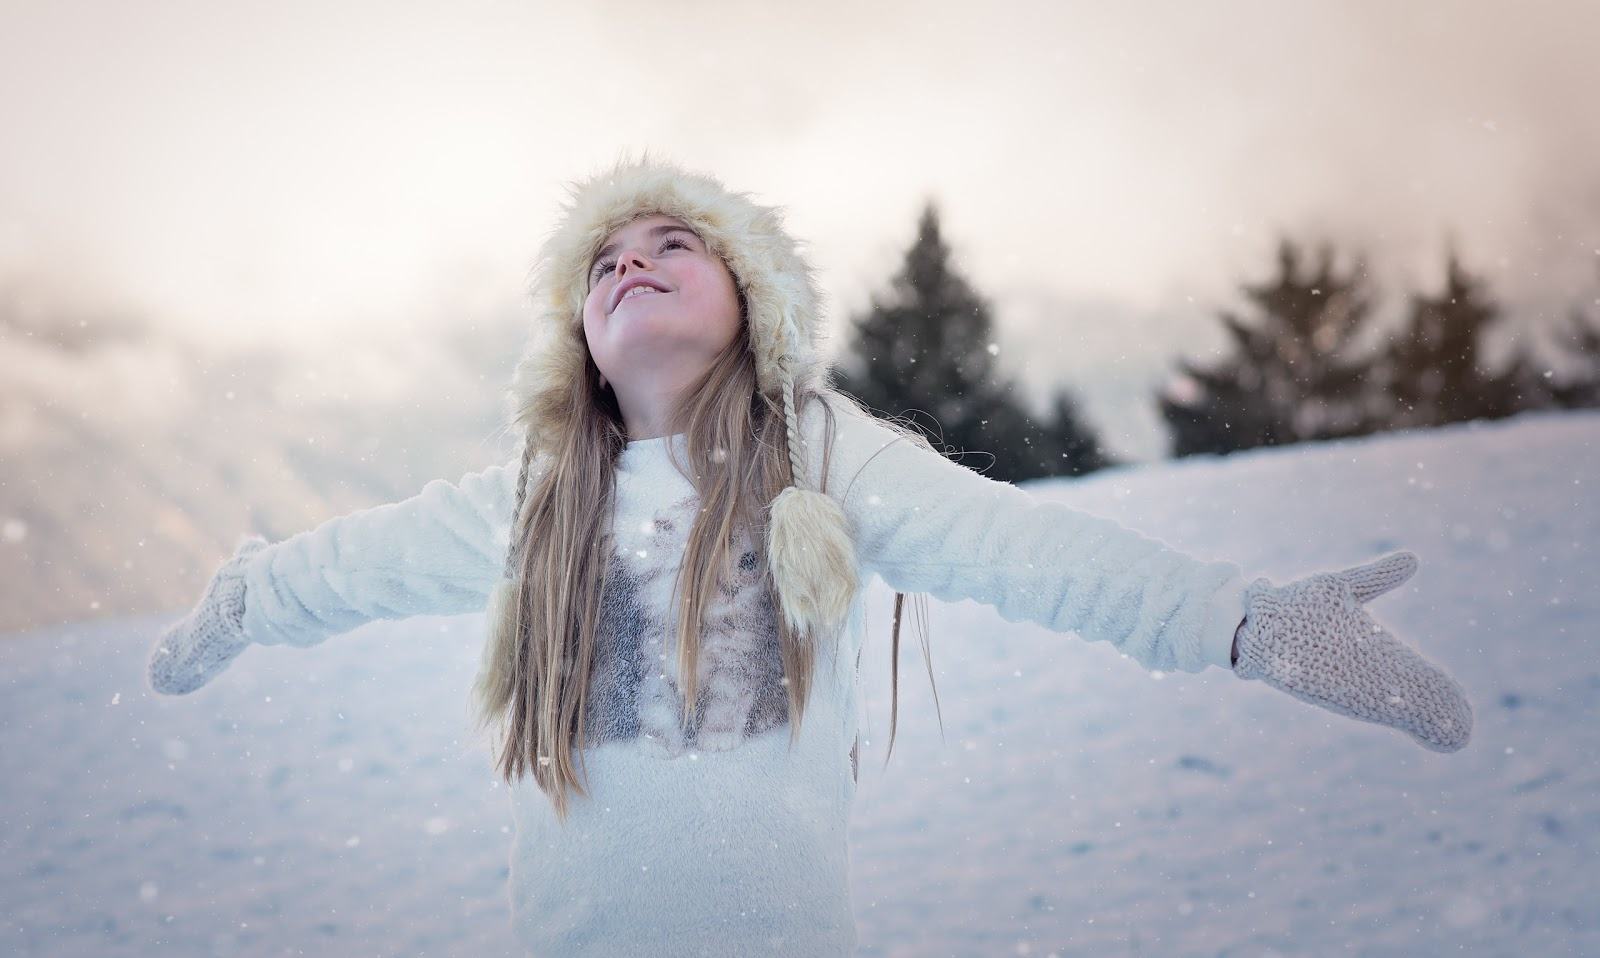 雪の中で腕を広げた女性